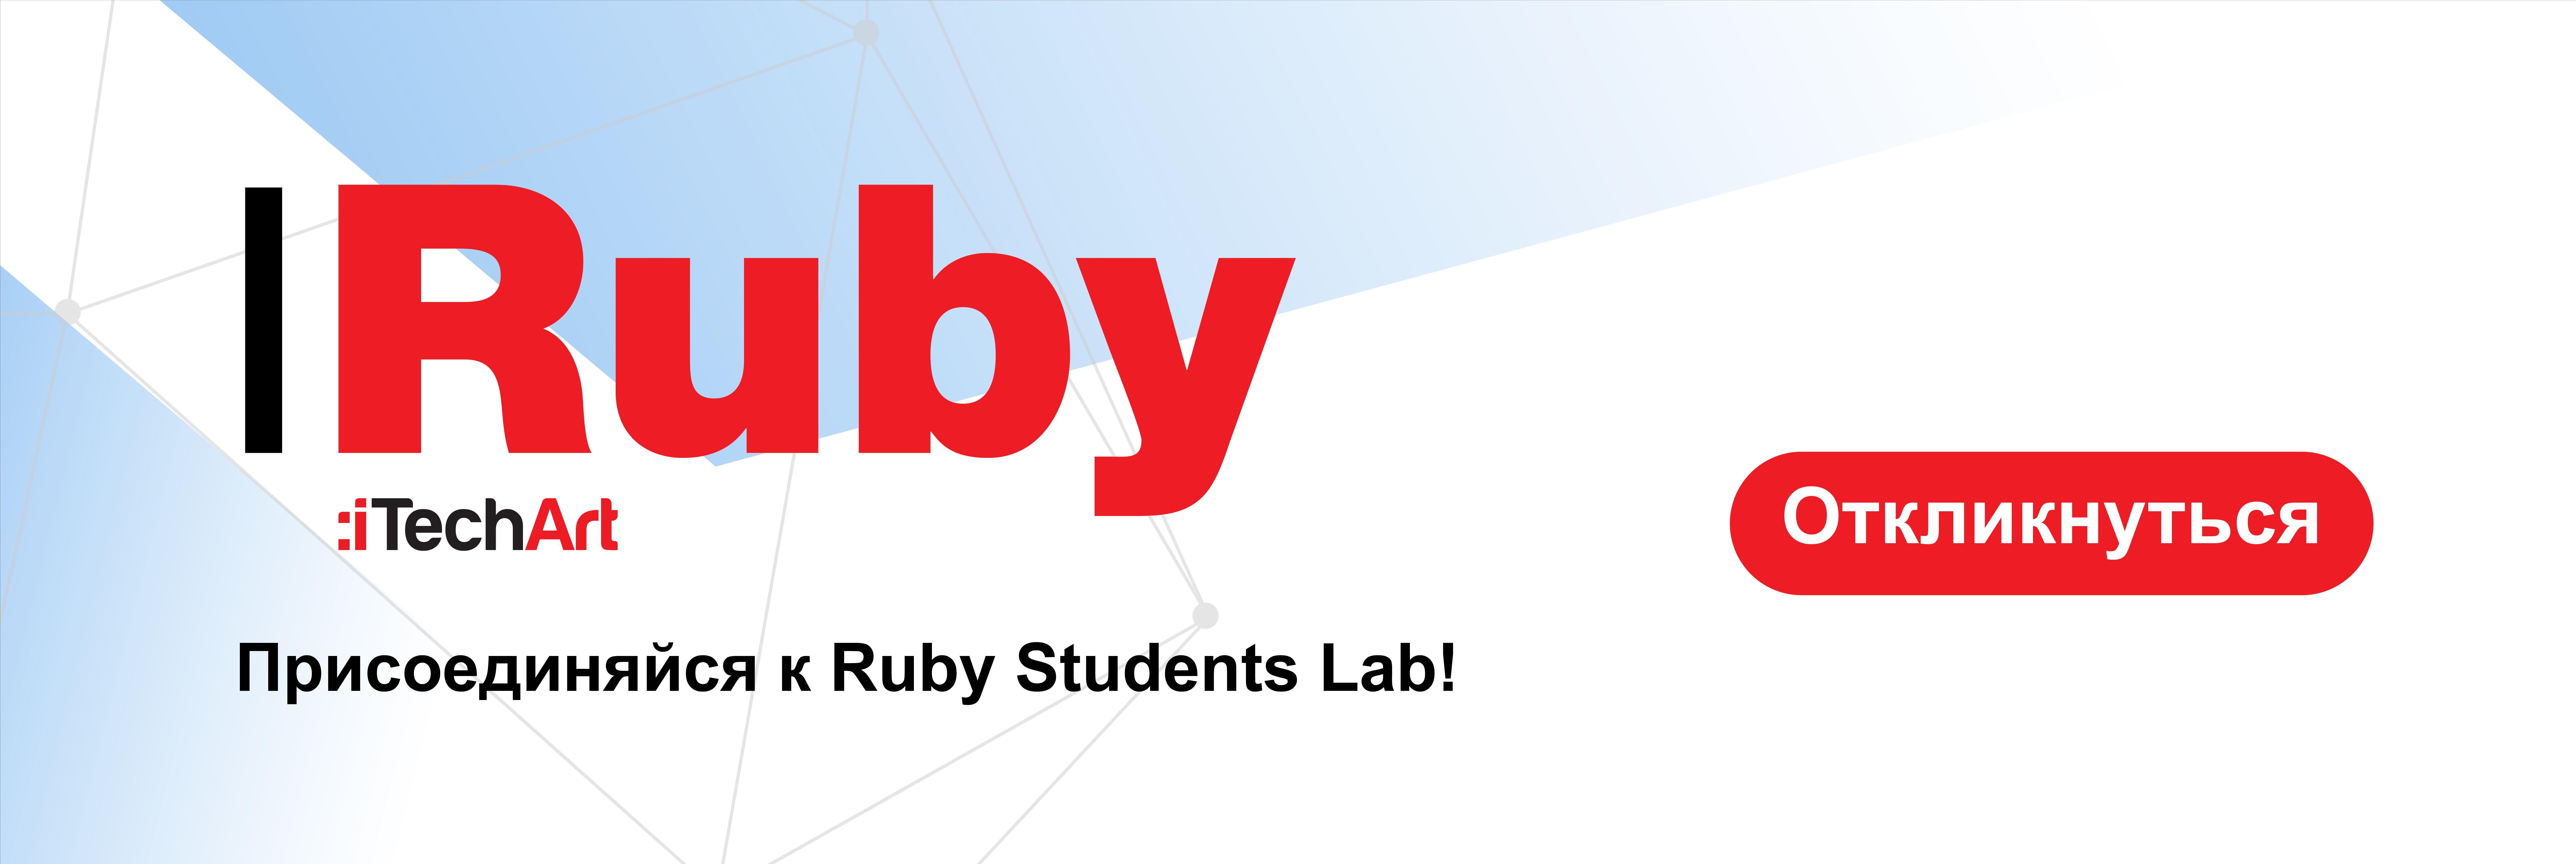 Как проходят Ruby стажировки в iTechArt